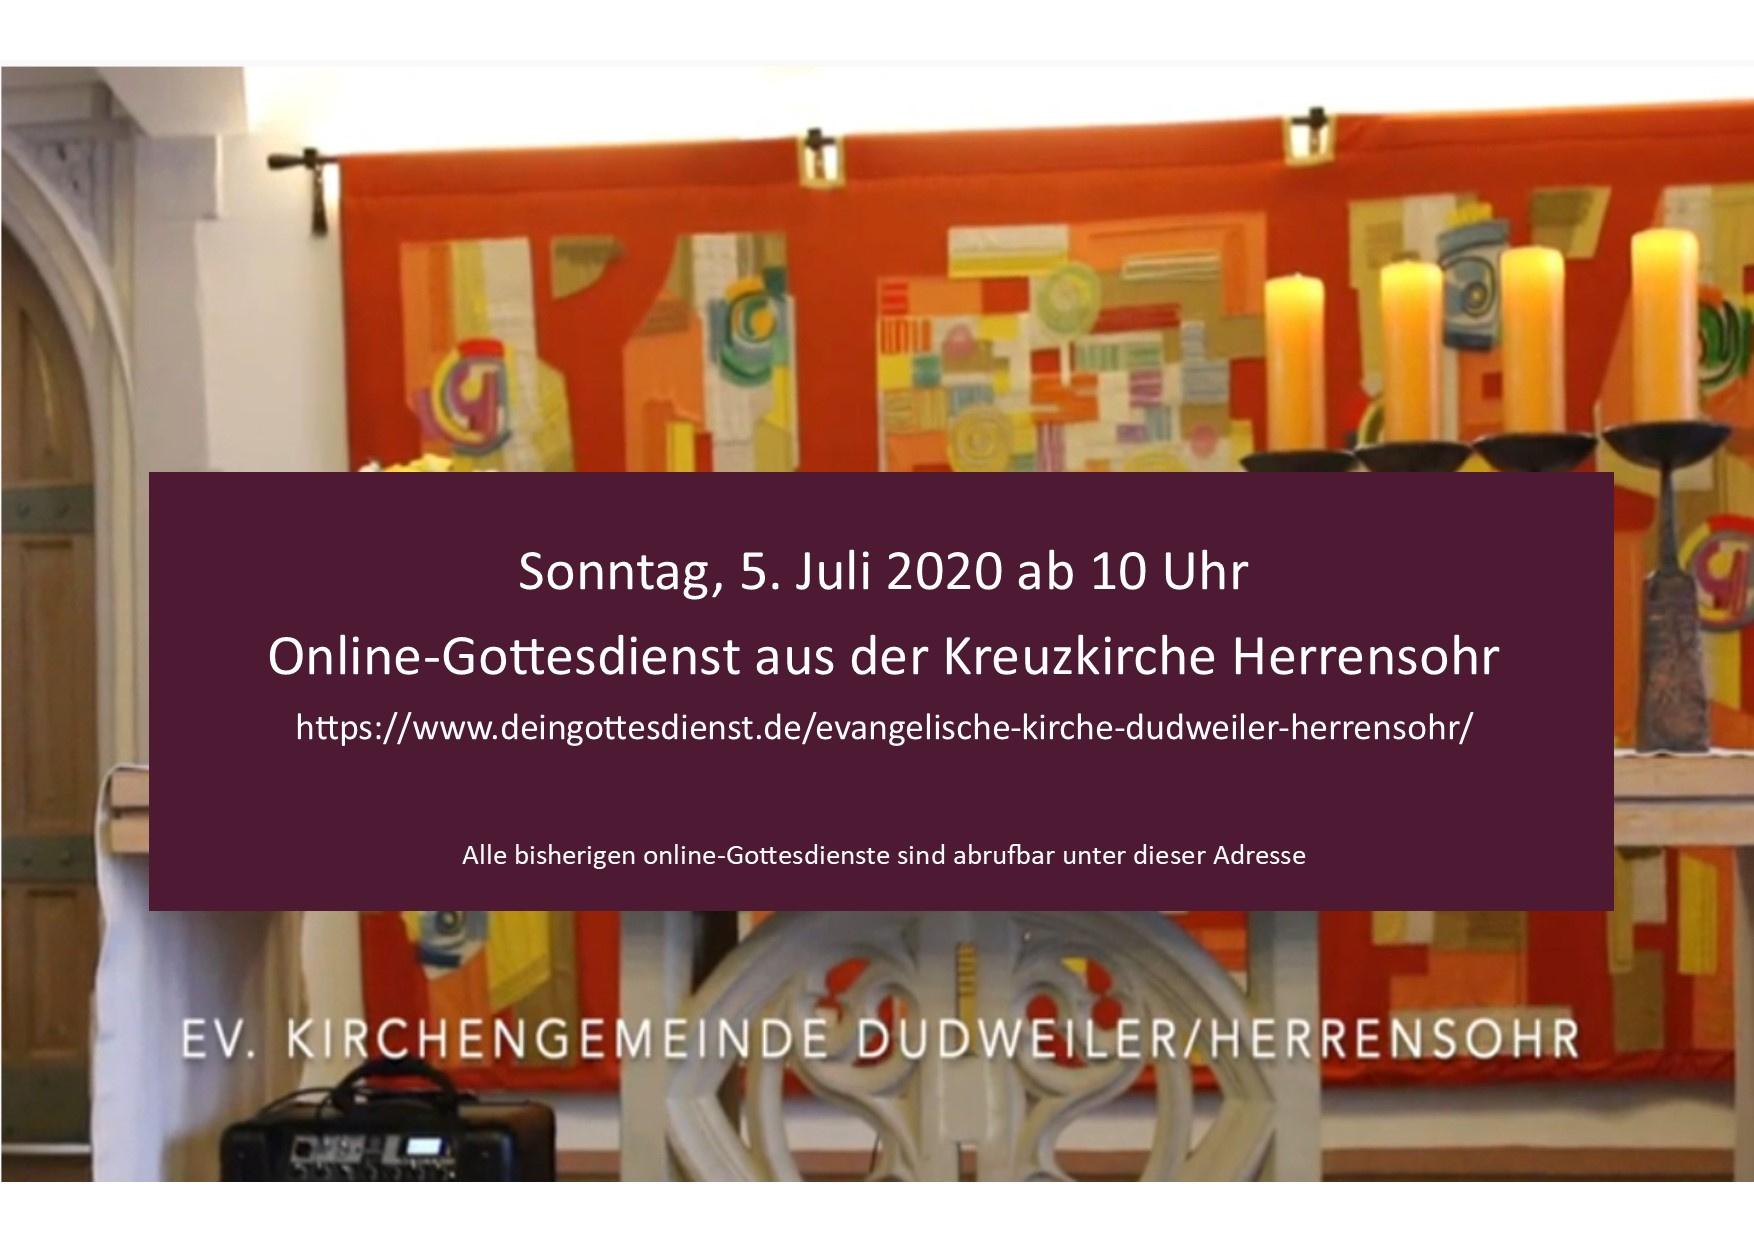 online-Gottesdienst am Sonntag, 5. Juli um 10 Uhr